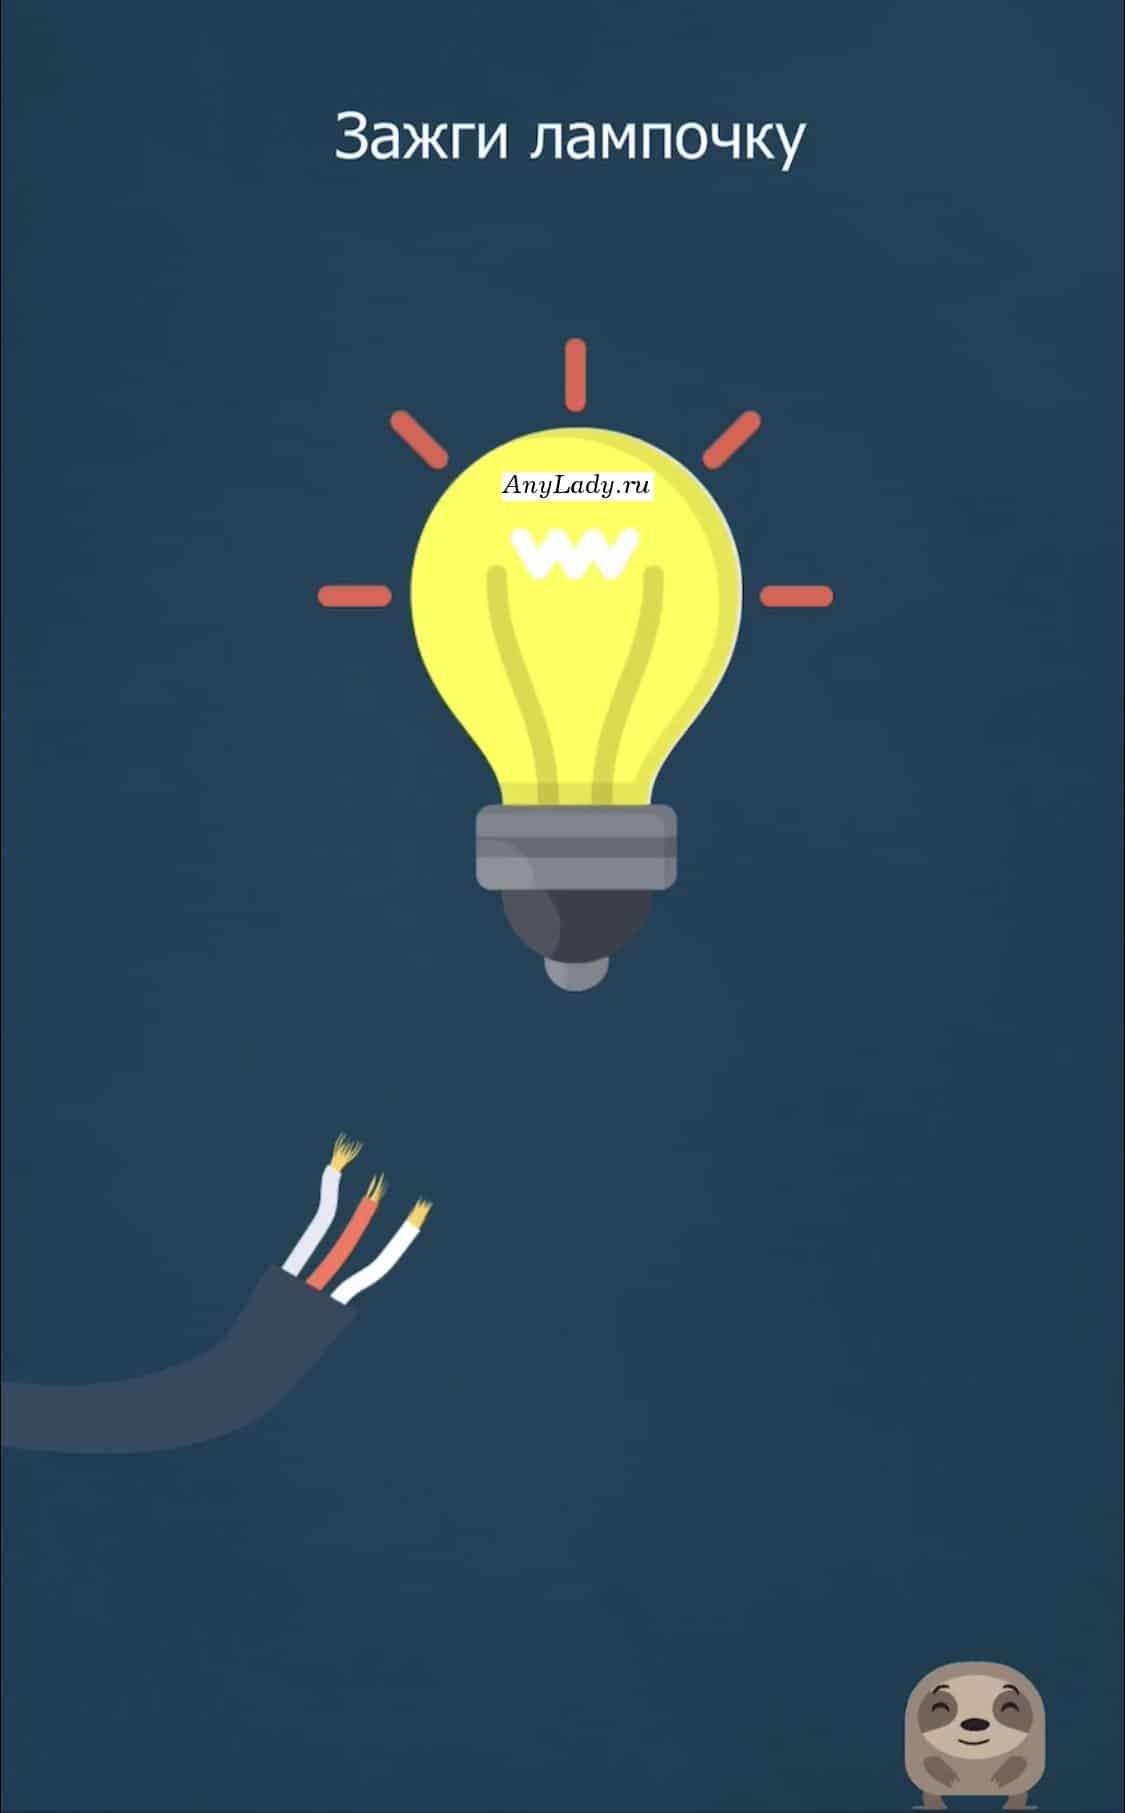 На три контакта зажмите палец и не отрывая его от провода - нажмите другим на лампочку и она включит свет.